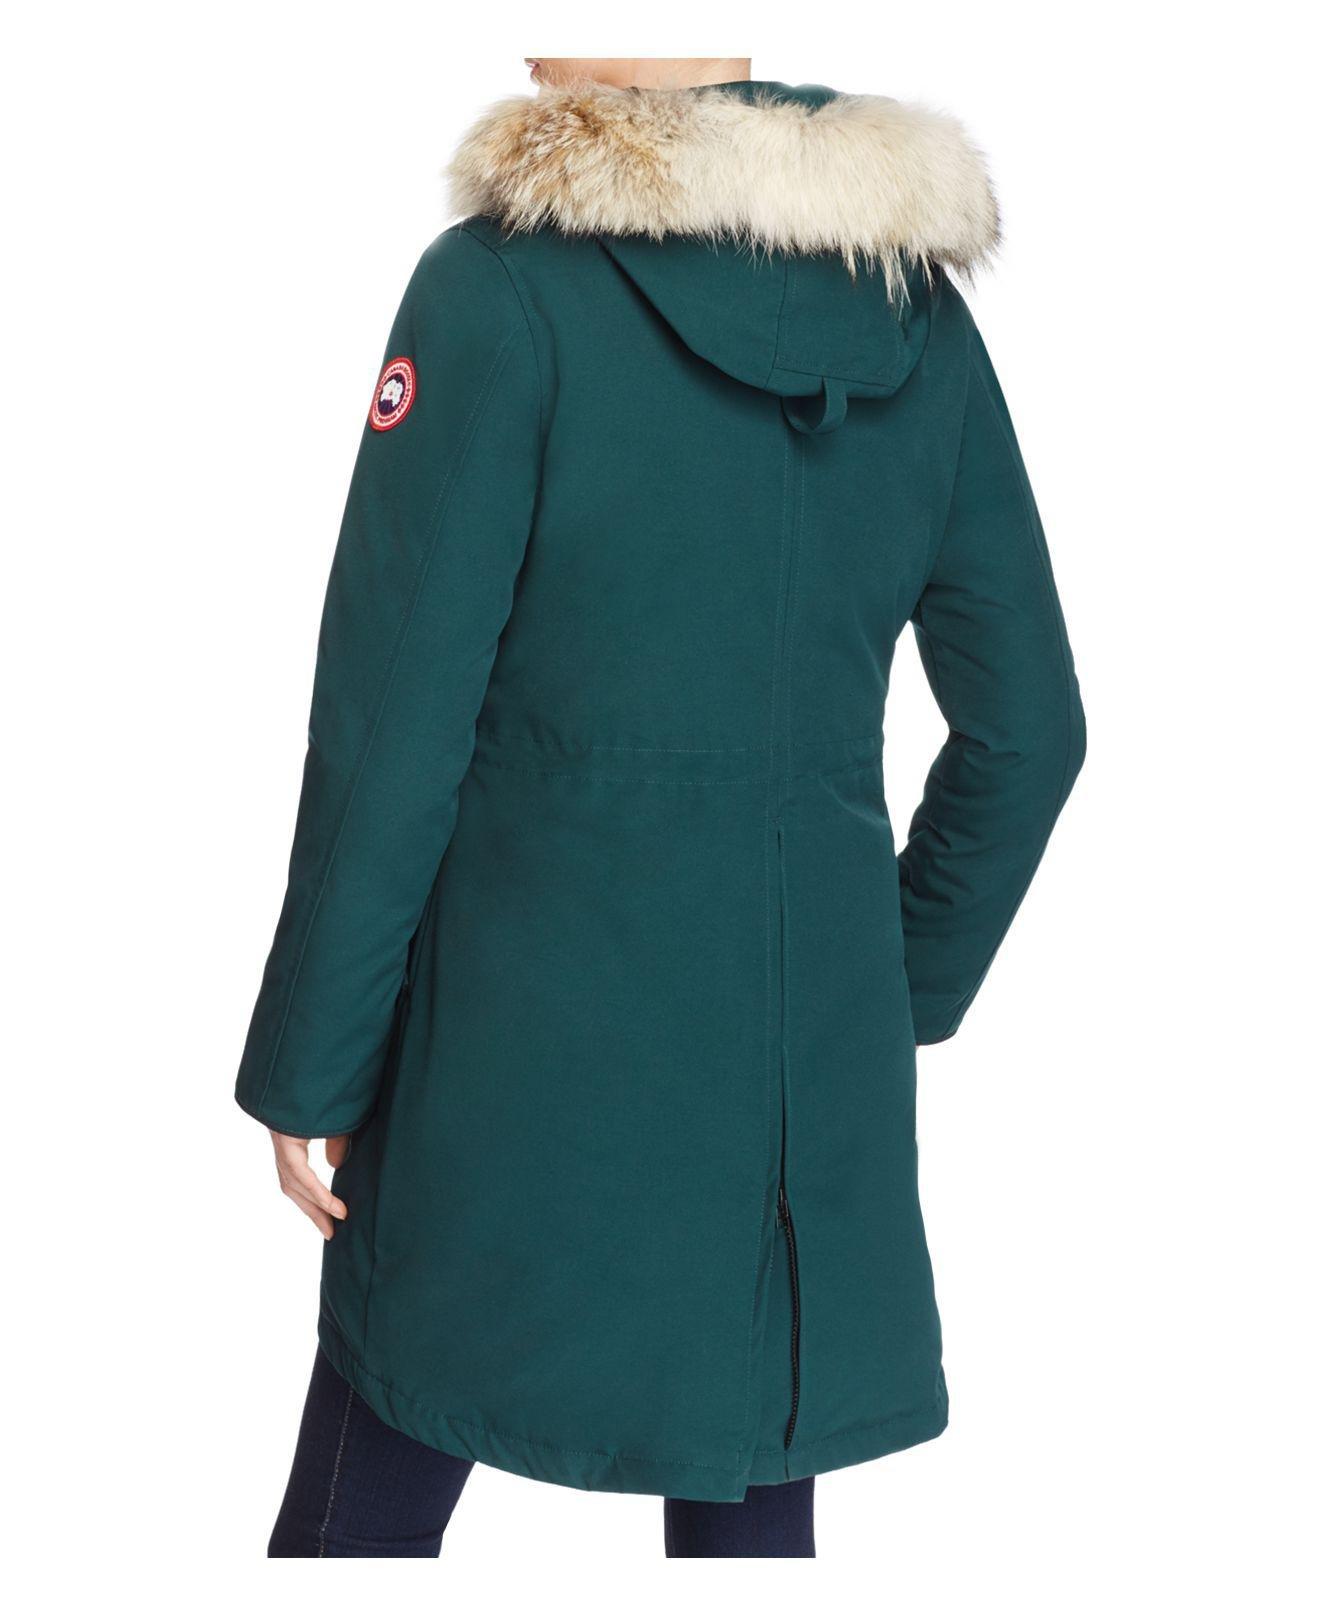 canada goose rossclair algonquin green